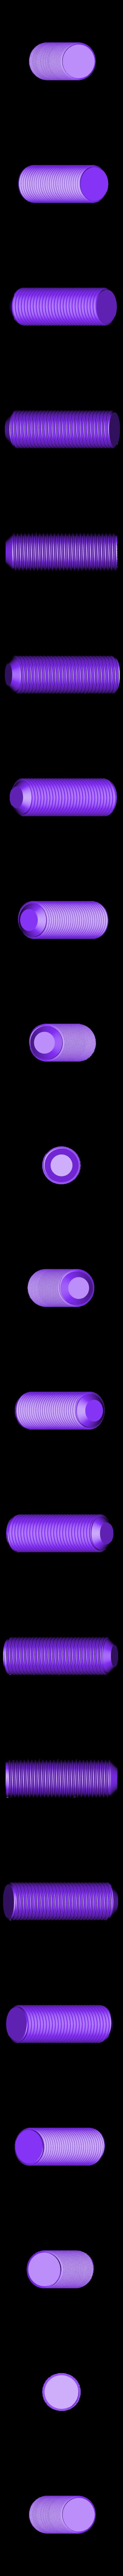 SCREW-NUTCRACKER.stl Télécharger fichier STL gratuit CASSE NOISETTE • Plan imprimable en 3D, bersandro